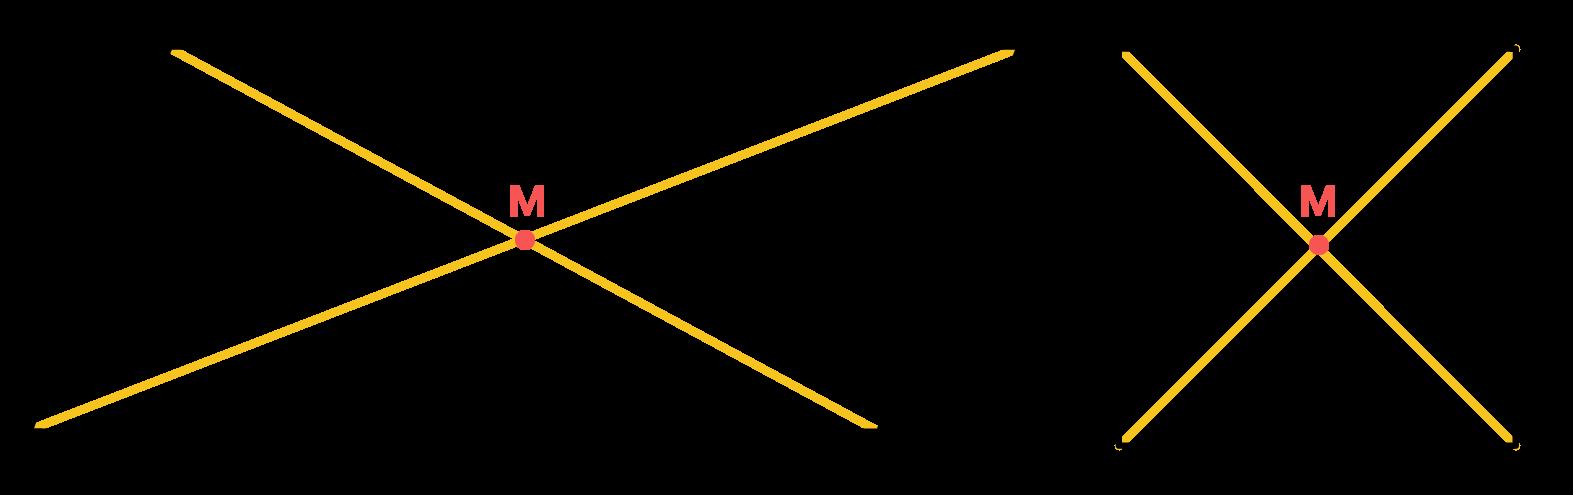 diagonais do quadrado se cruzam no ponto M